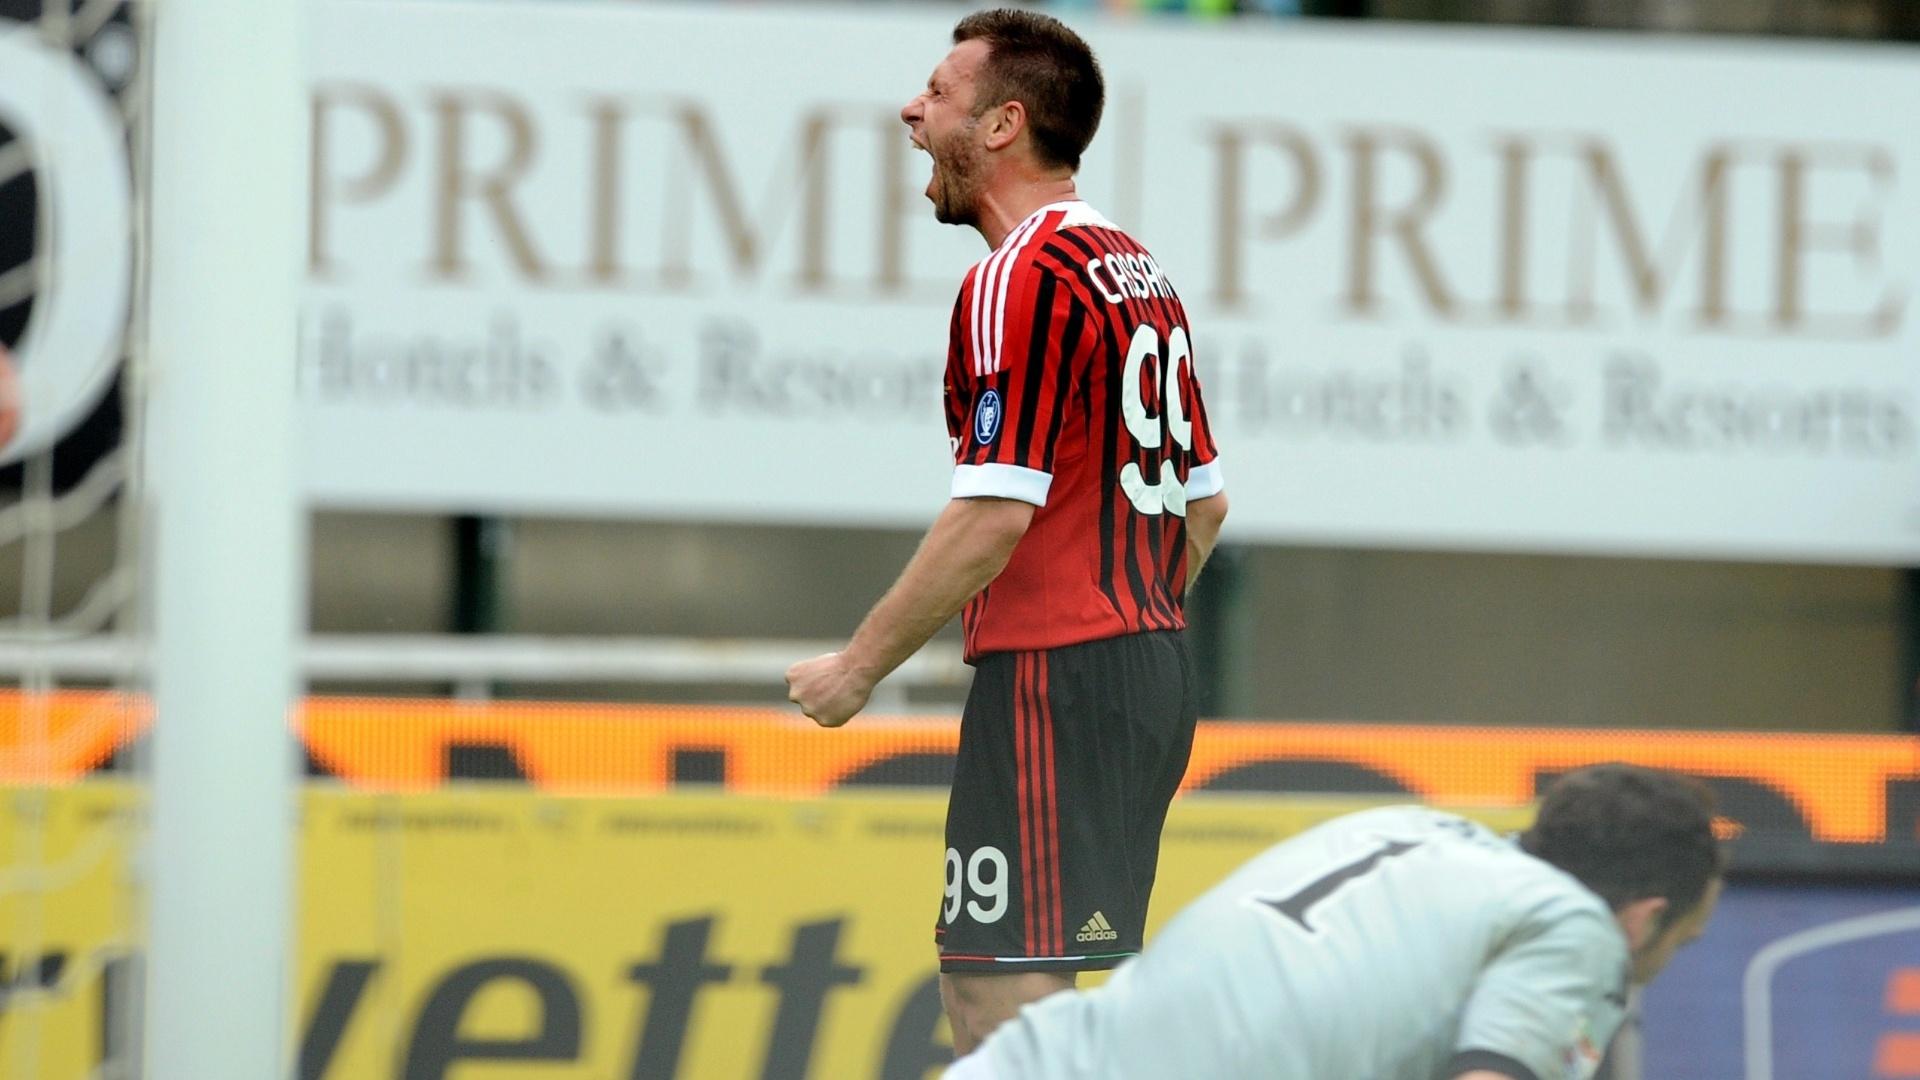 Jogando fora de casa, Cassano celebra o primeiro gol do Milan diante do Siena